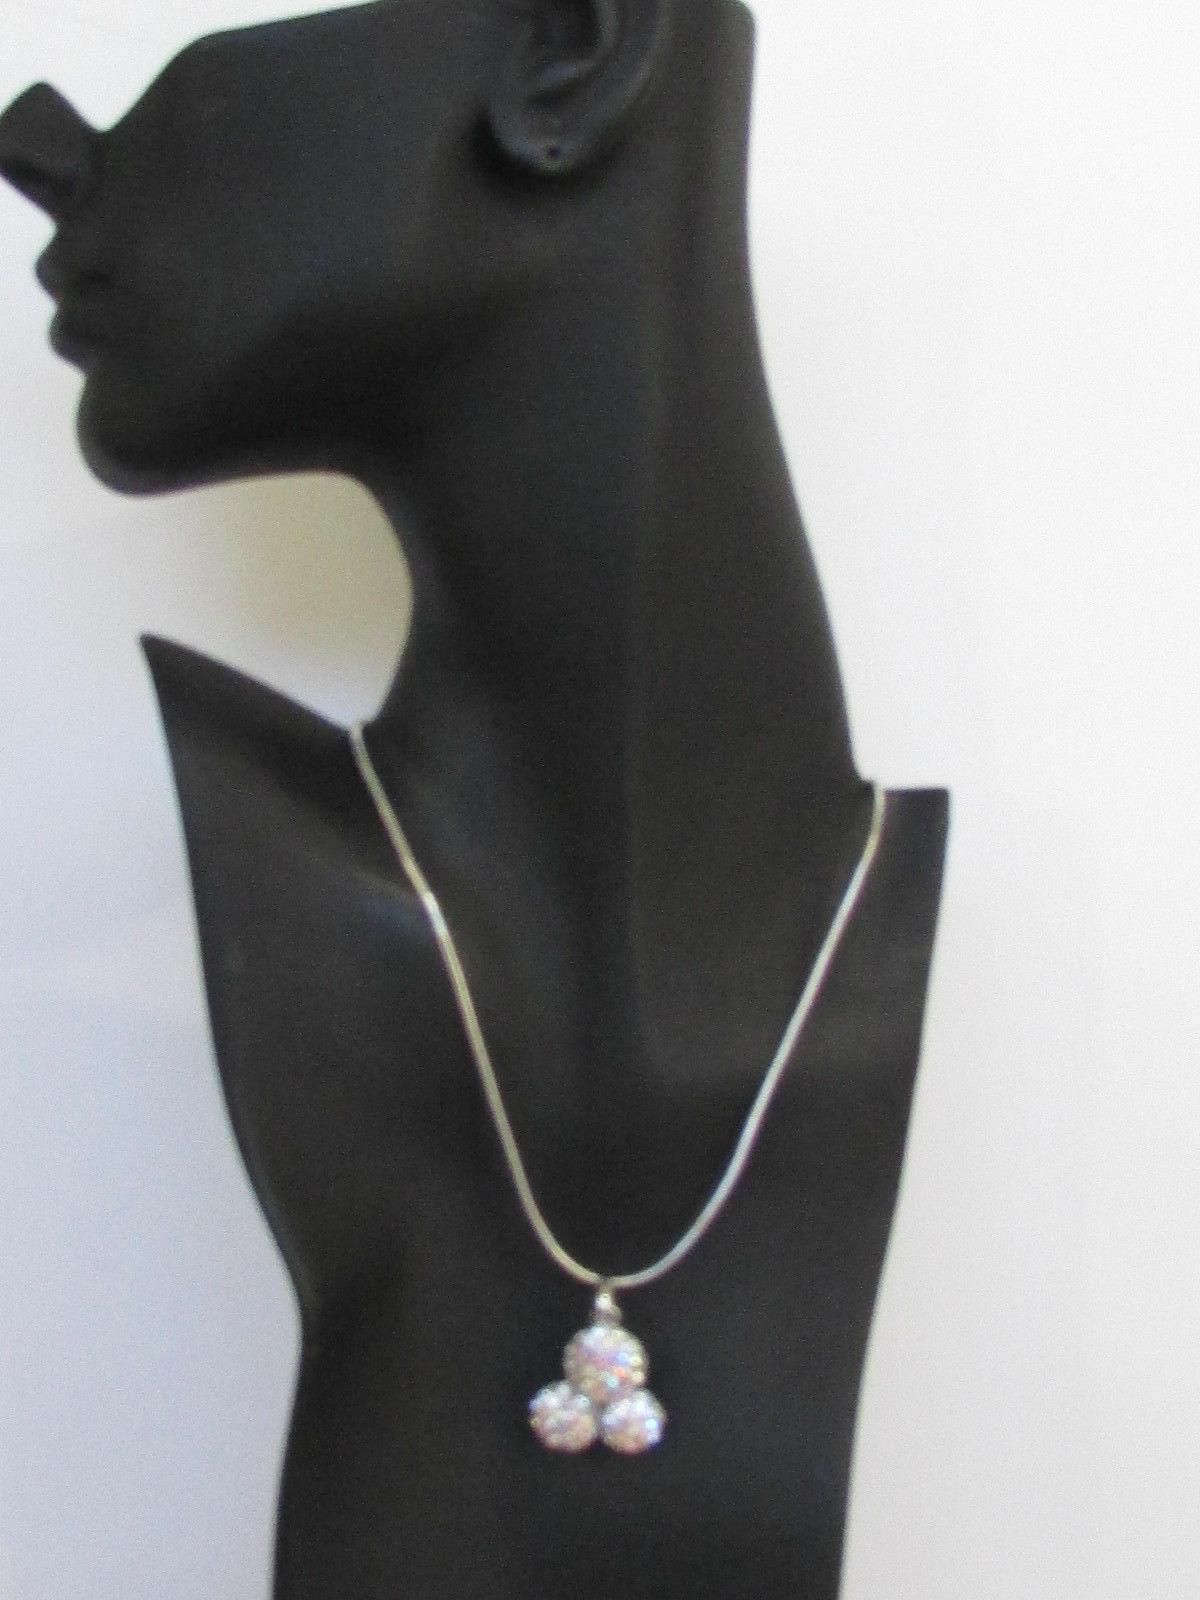 Damen Kurze Modische Halskette Metall 3 Bälle Silber Gold Strass Anhänger Bling image 12